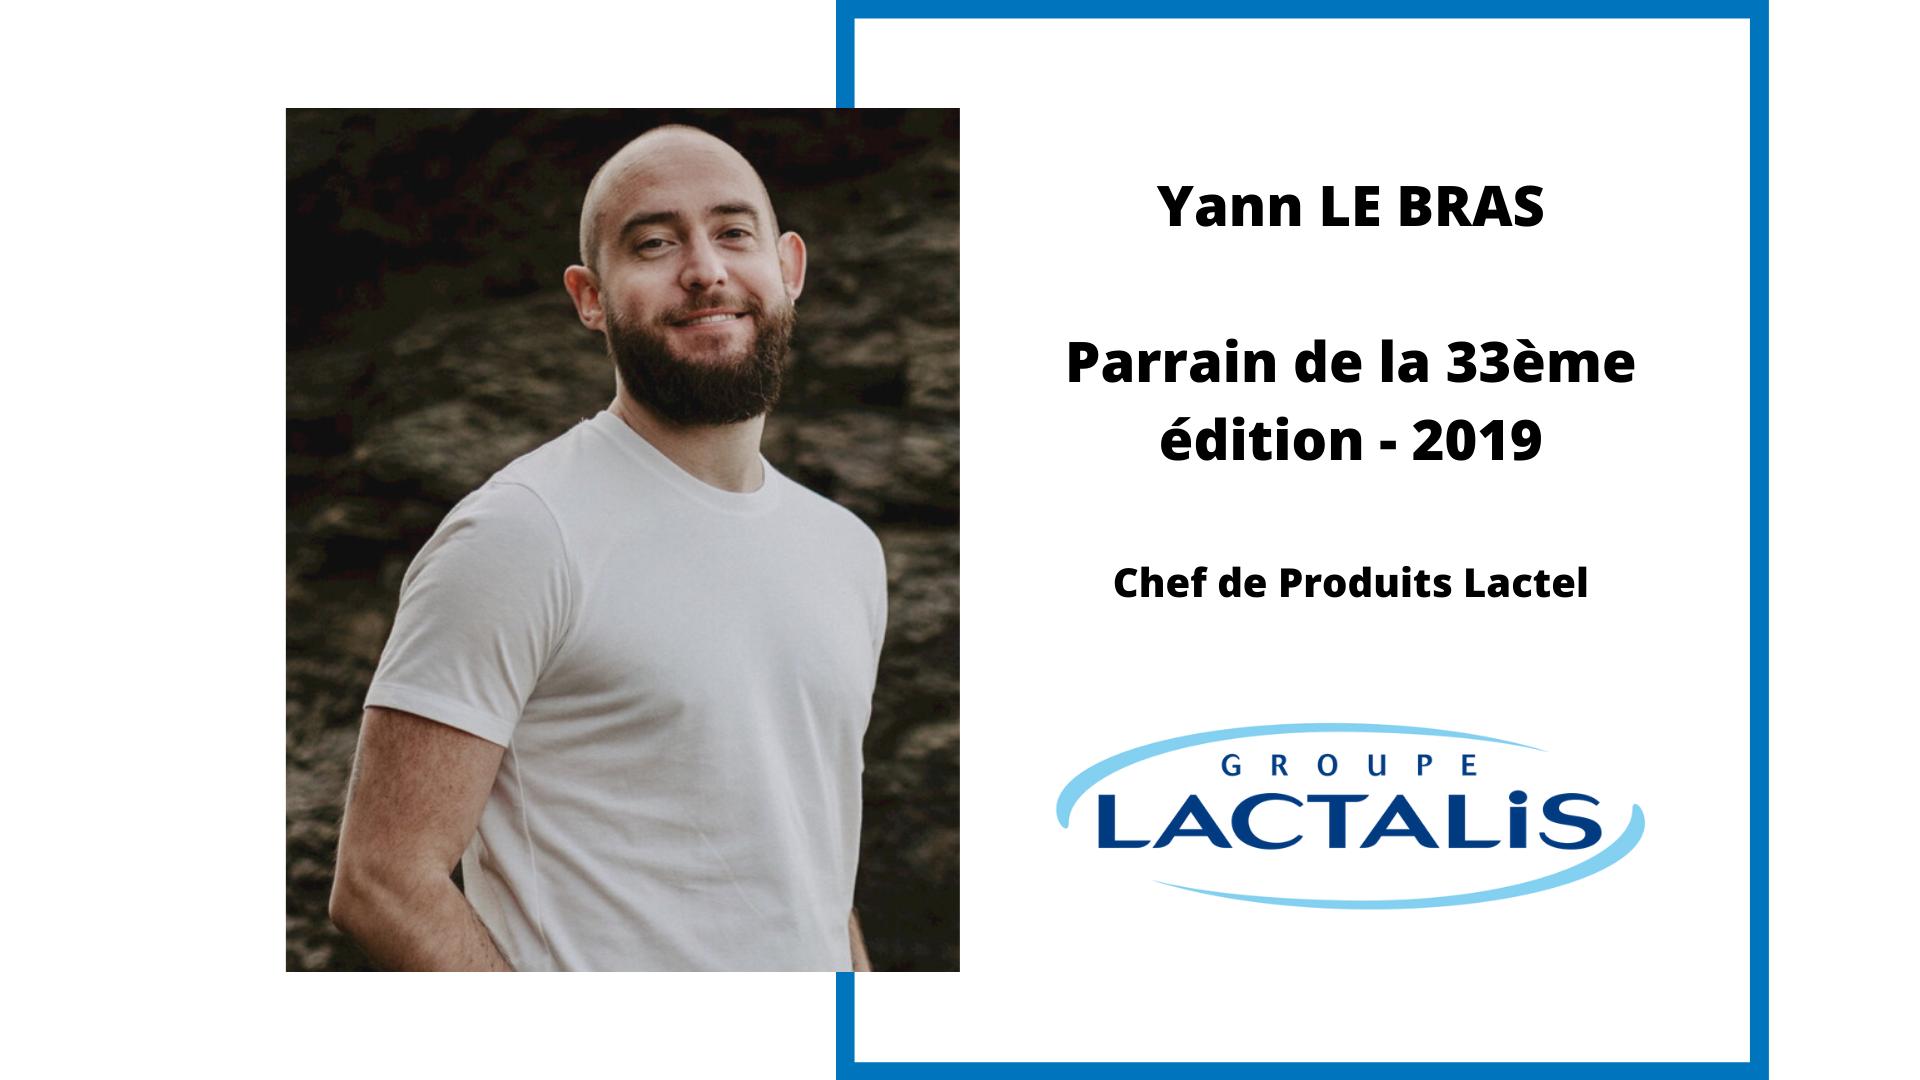 33ème édition - Yann LE BRAS